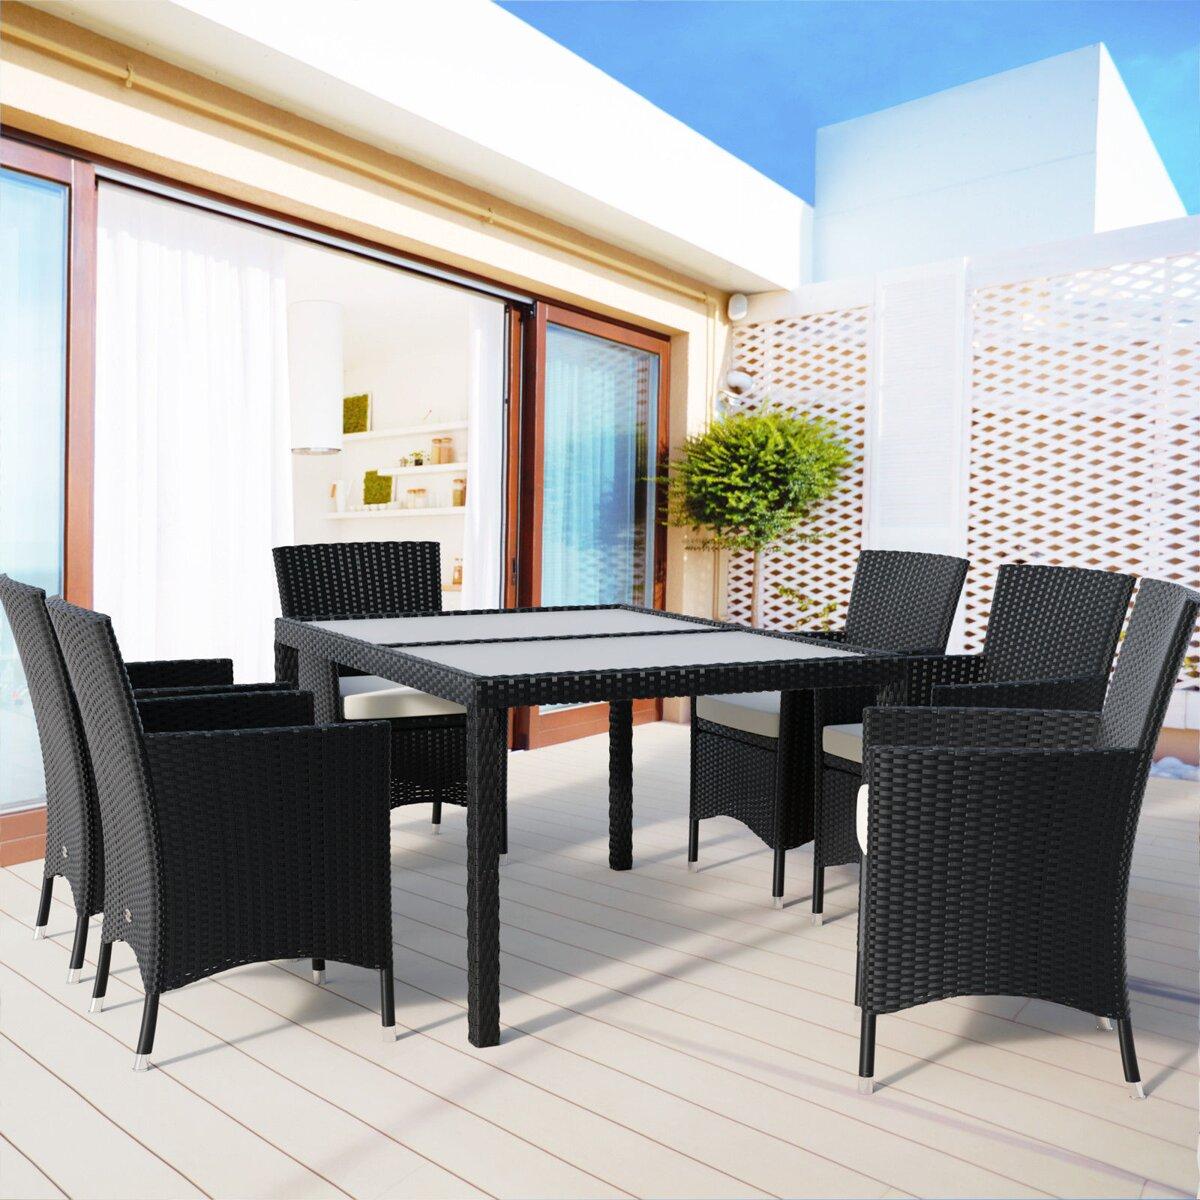 95d298027a98a Súprava ratanového záhradného nábytku DALMACIA 6+1 čierna | Jurhan.com